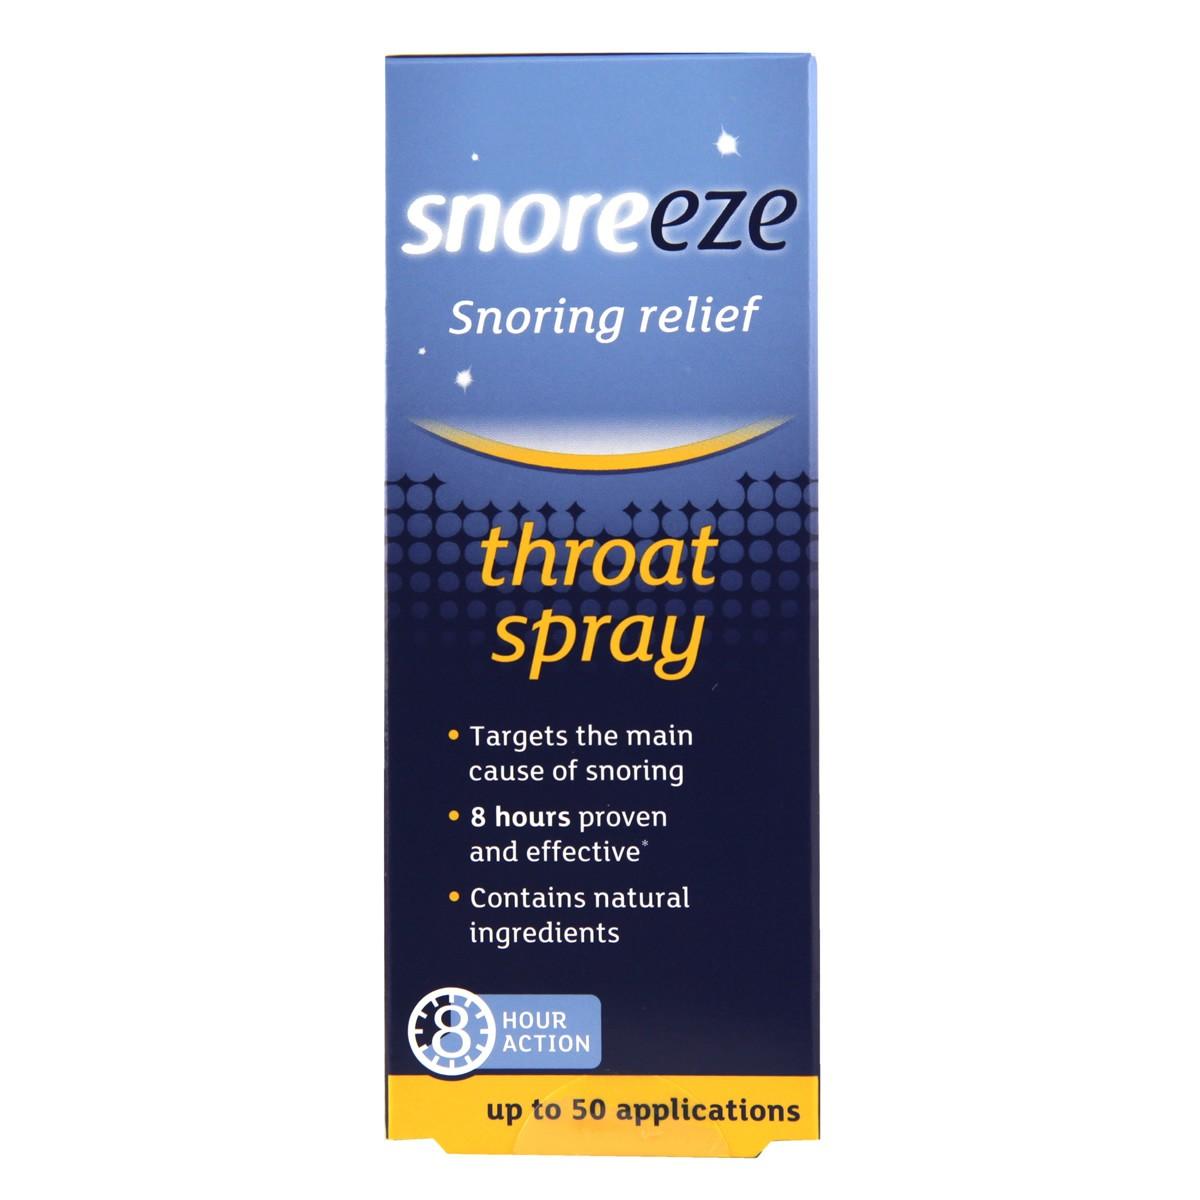 Snoreeze Snoring Relief Throat Spray